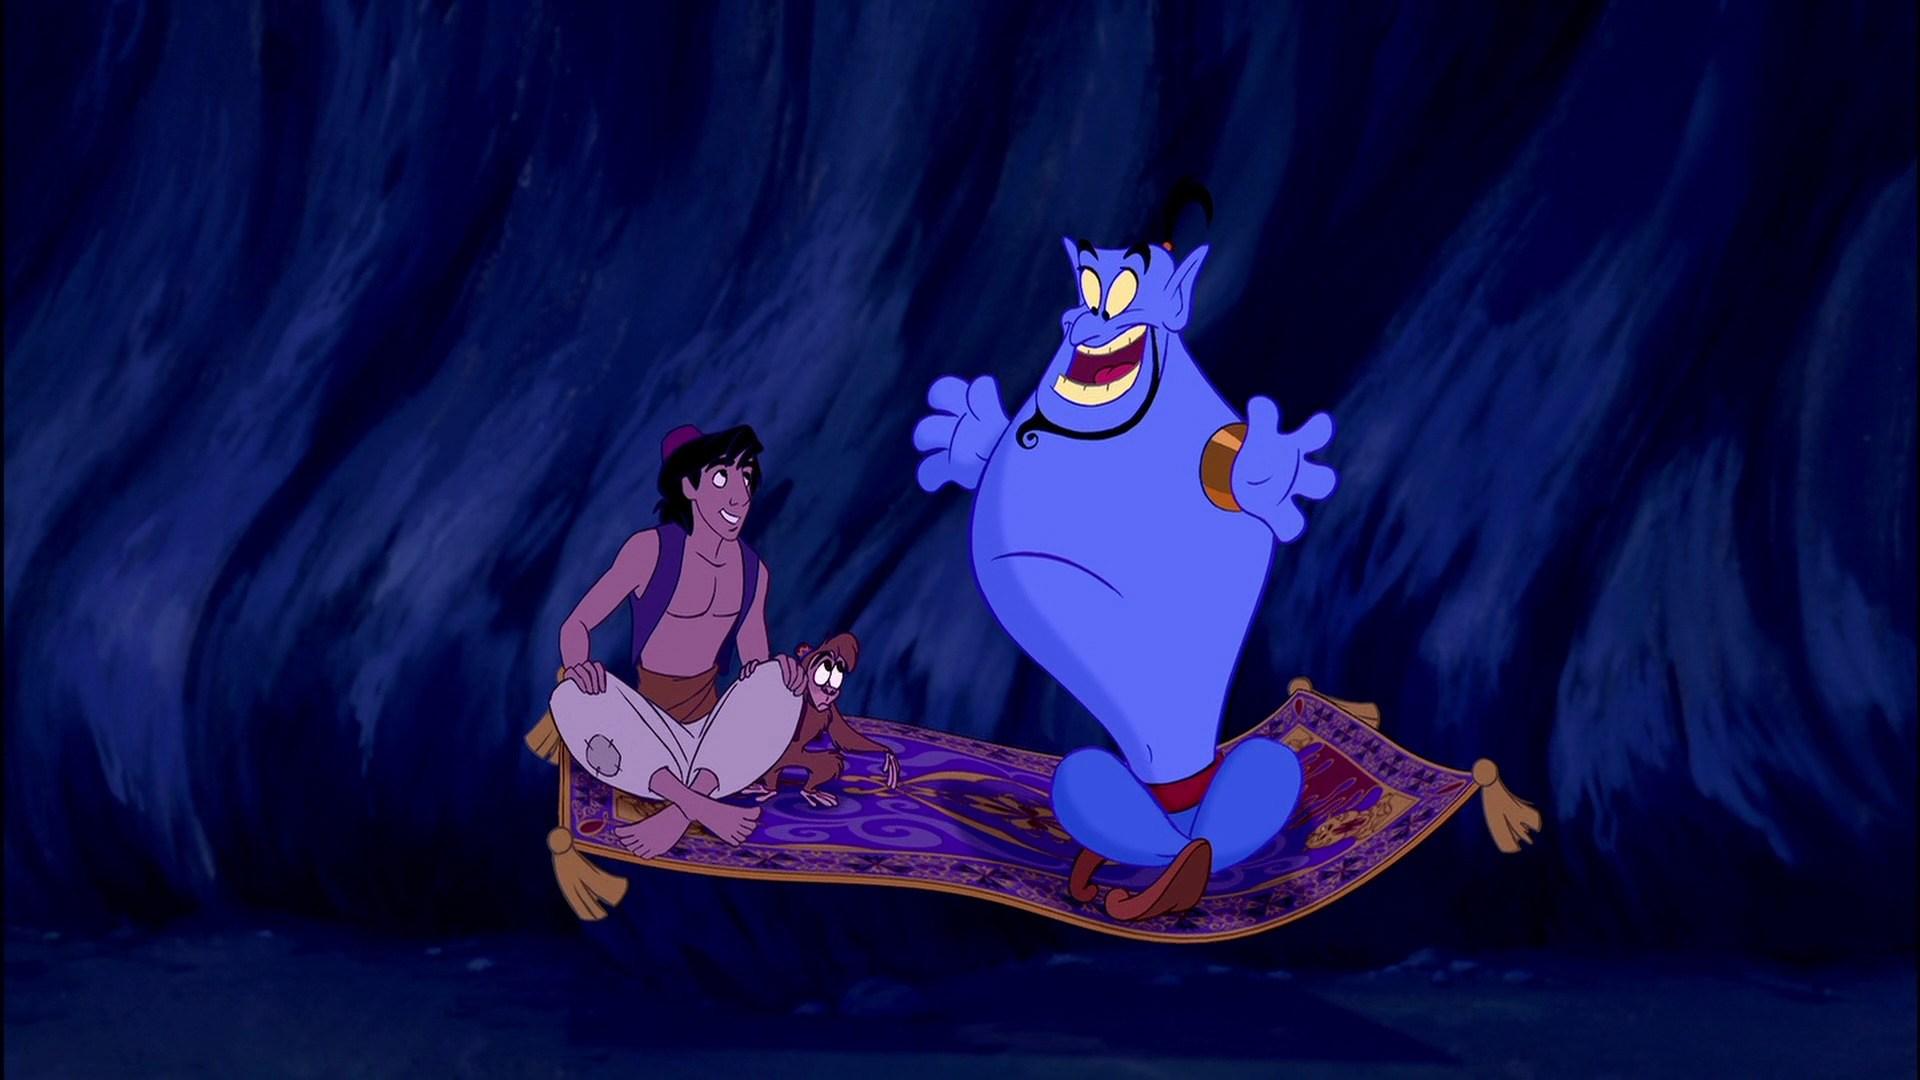 File:Aladdin-4704.jpg